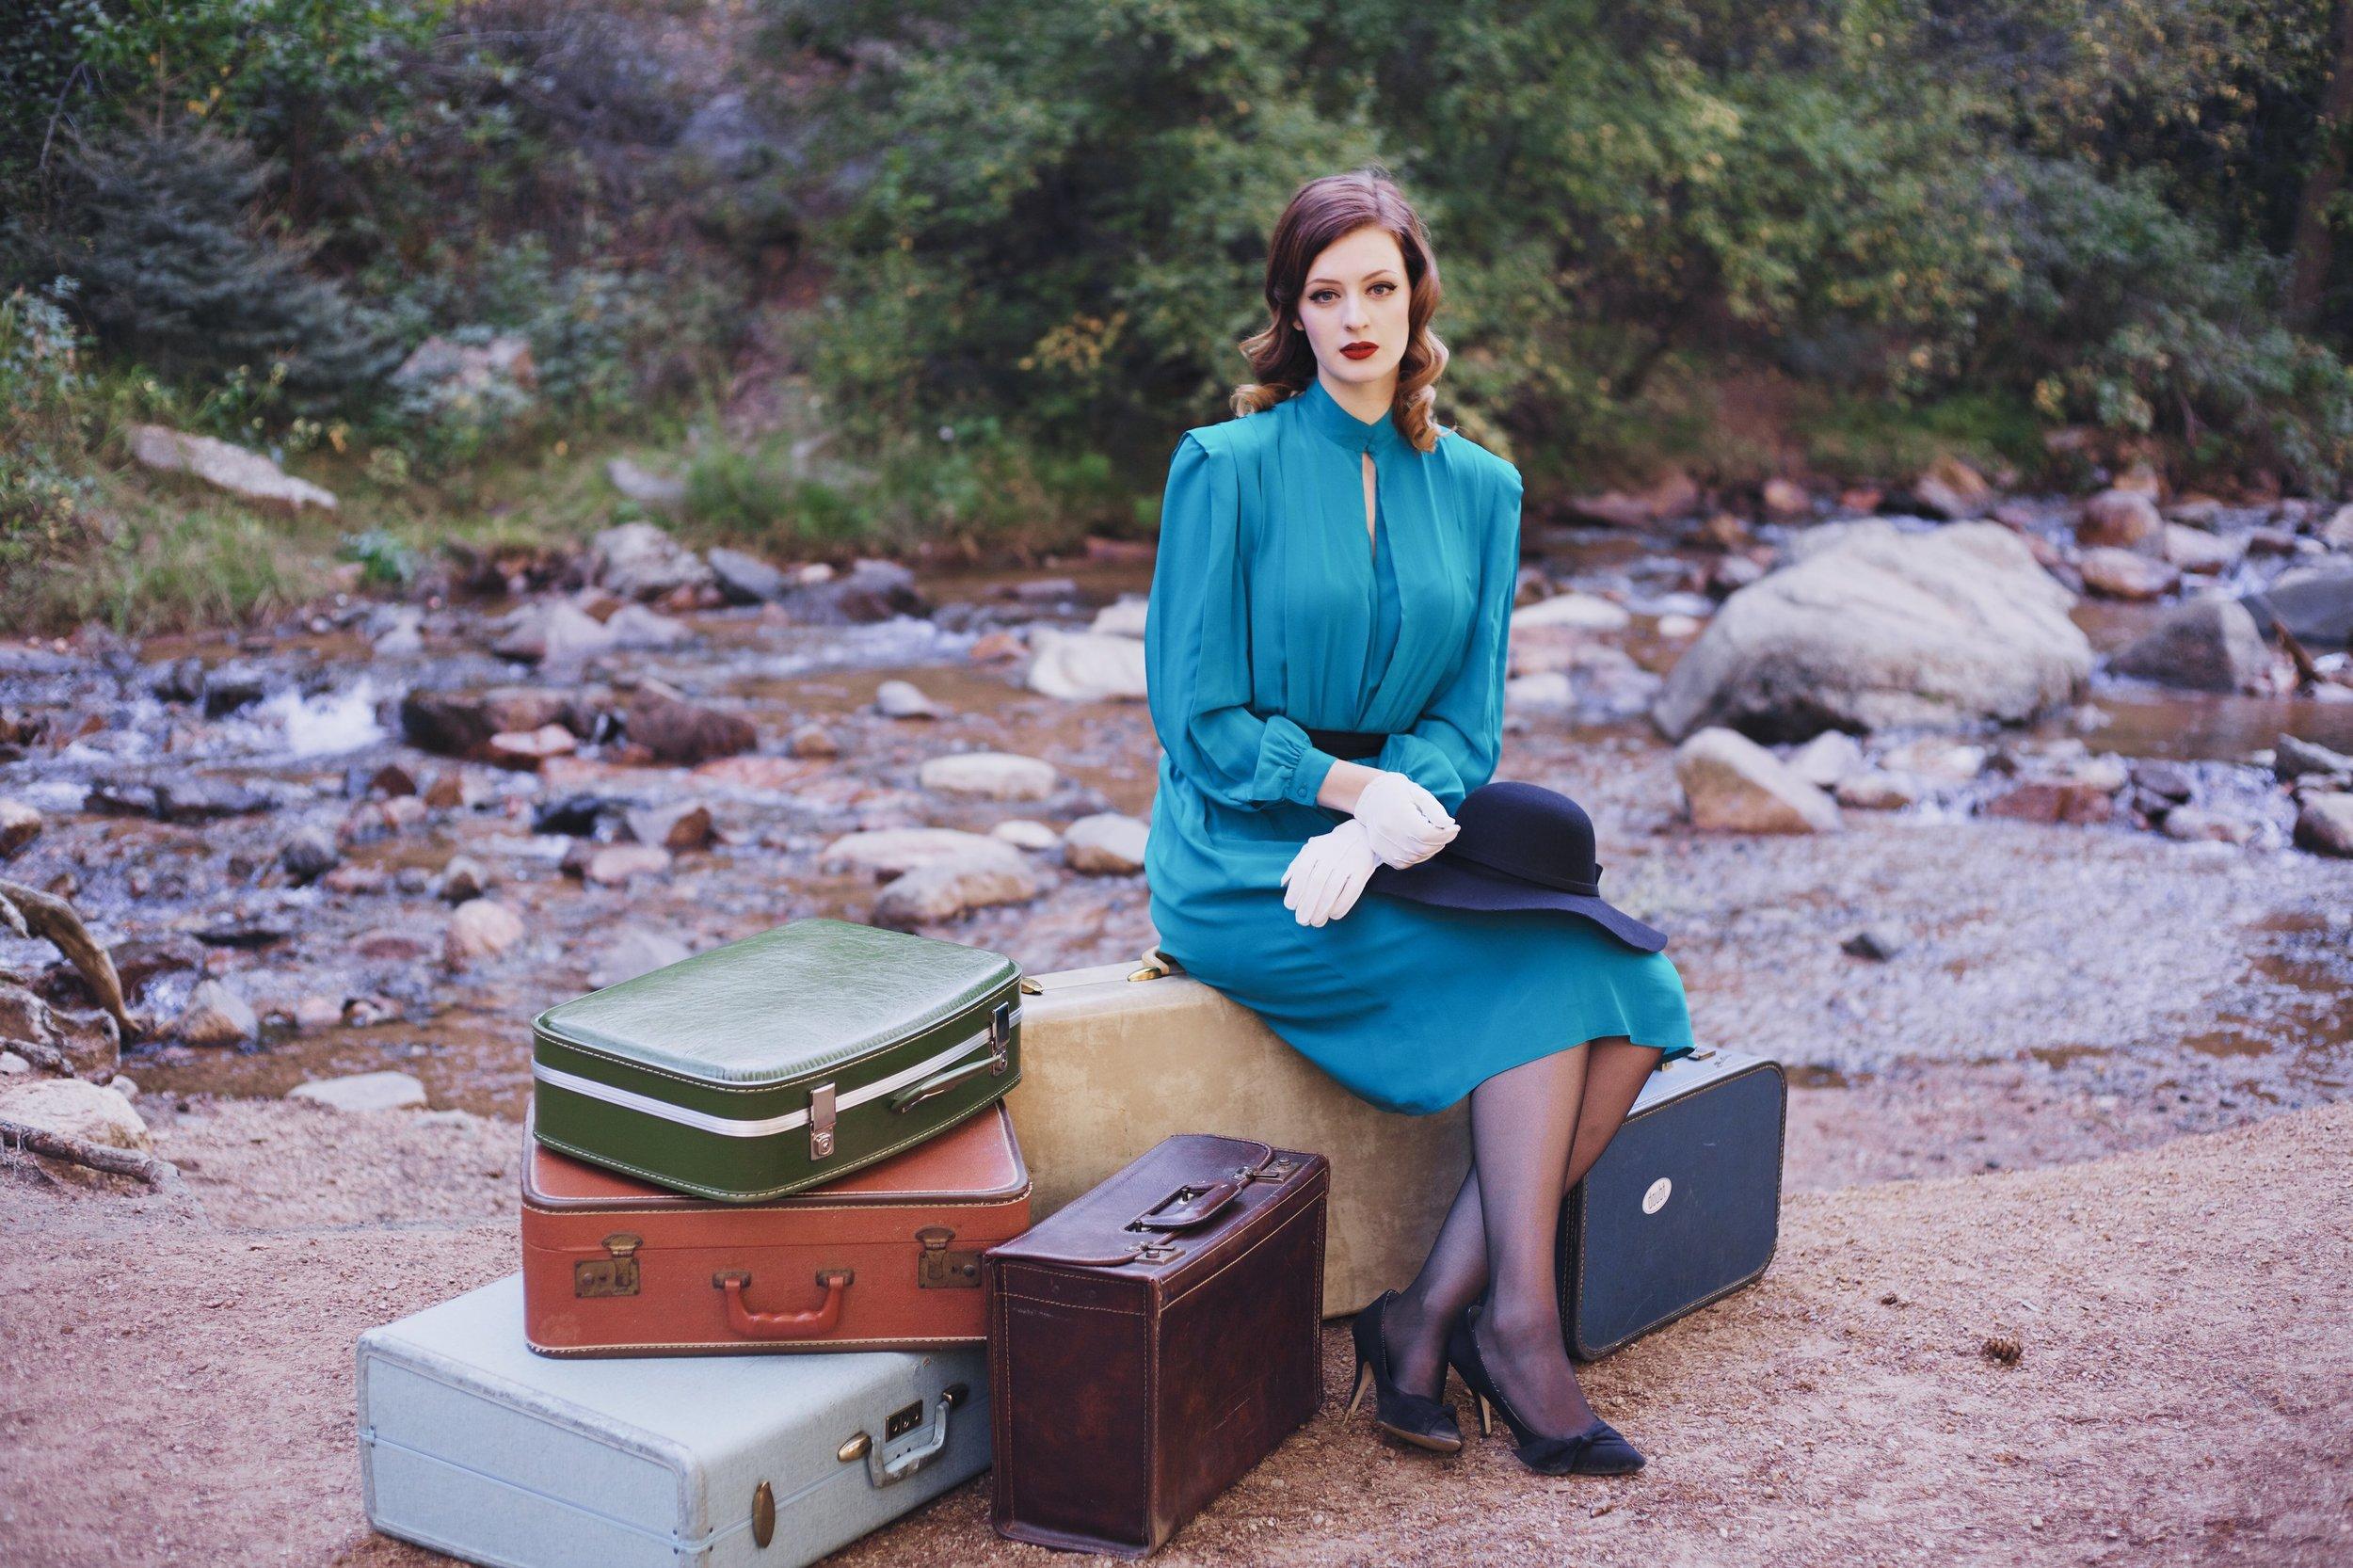 VintageLisbeth2.jpg